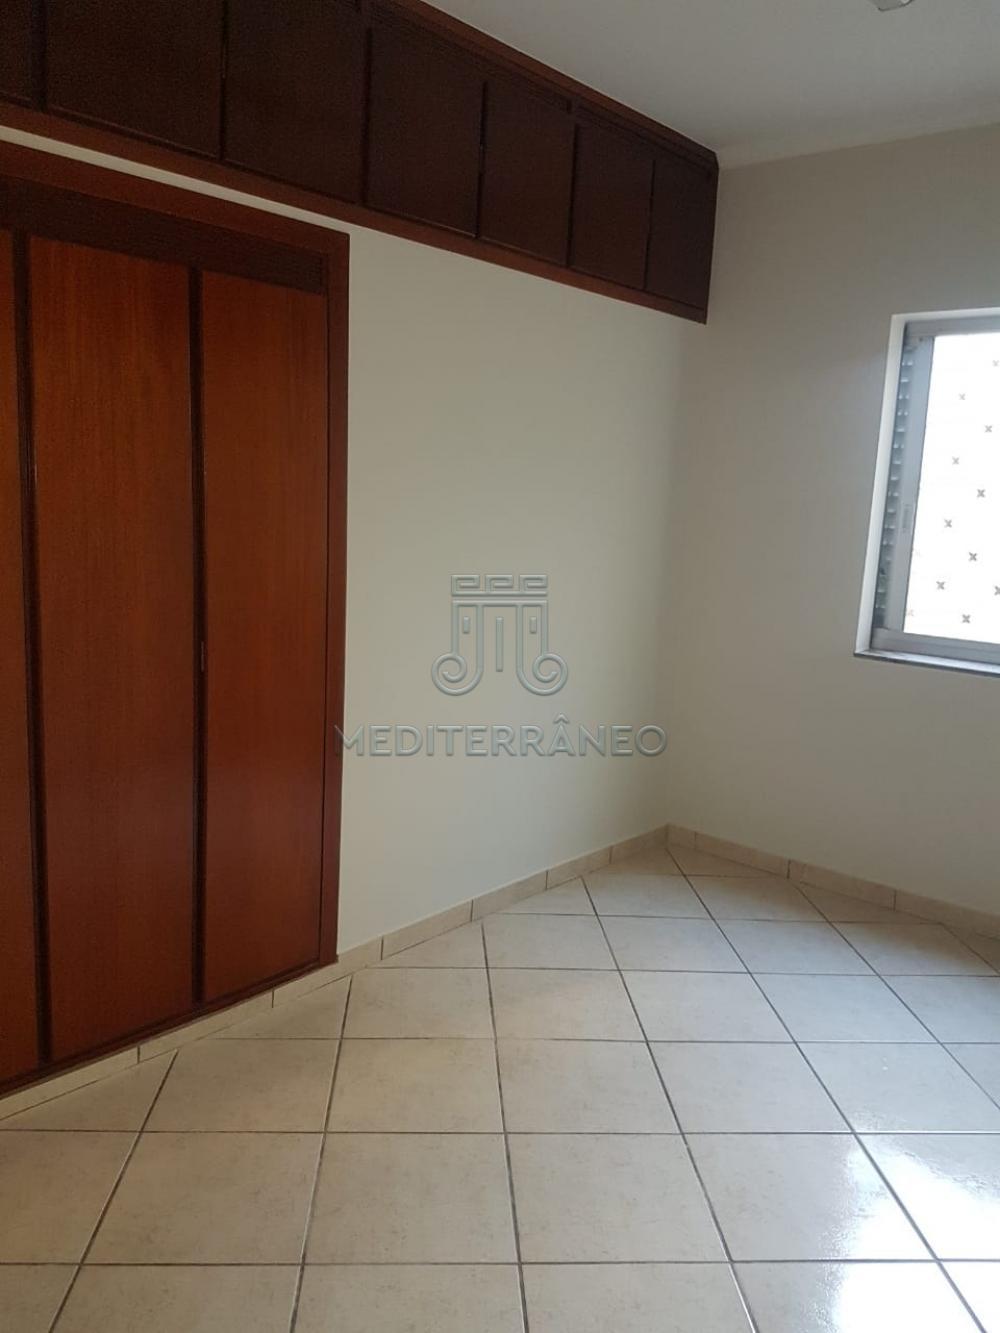 Alugar Casa / Padrão em Jundiaí apenas R$ 4.000,00 - Foto 15